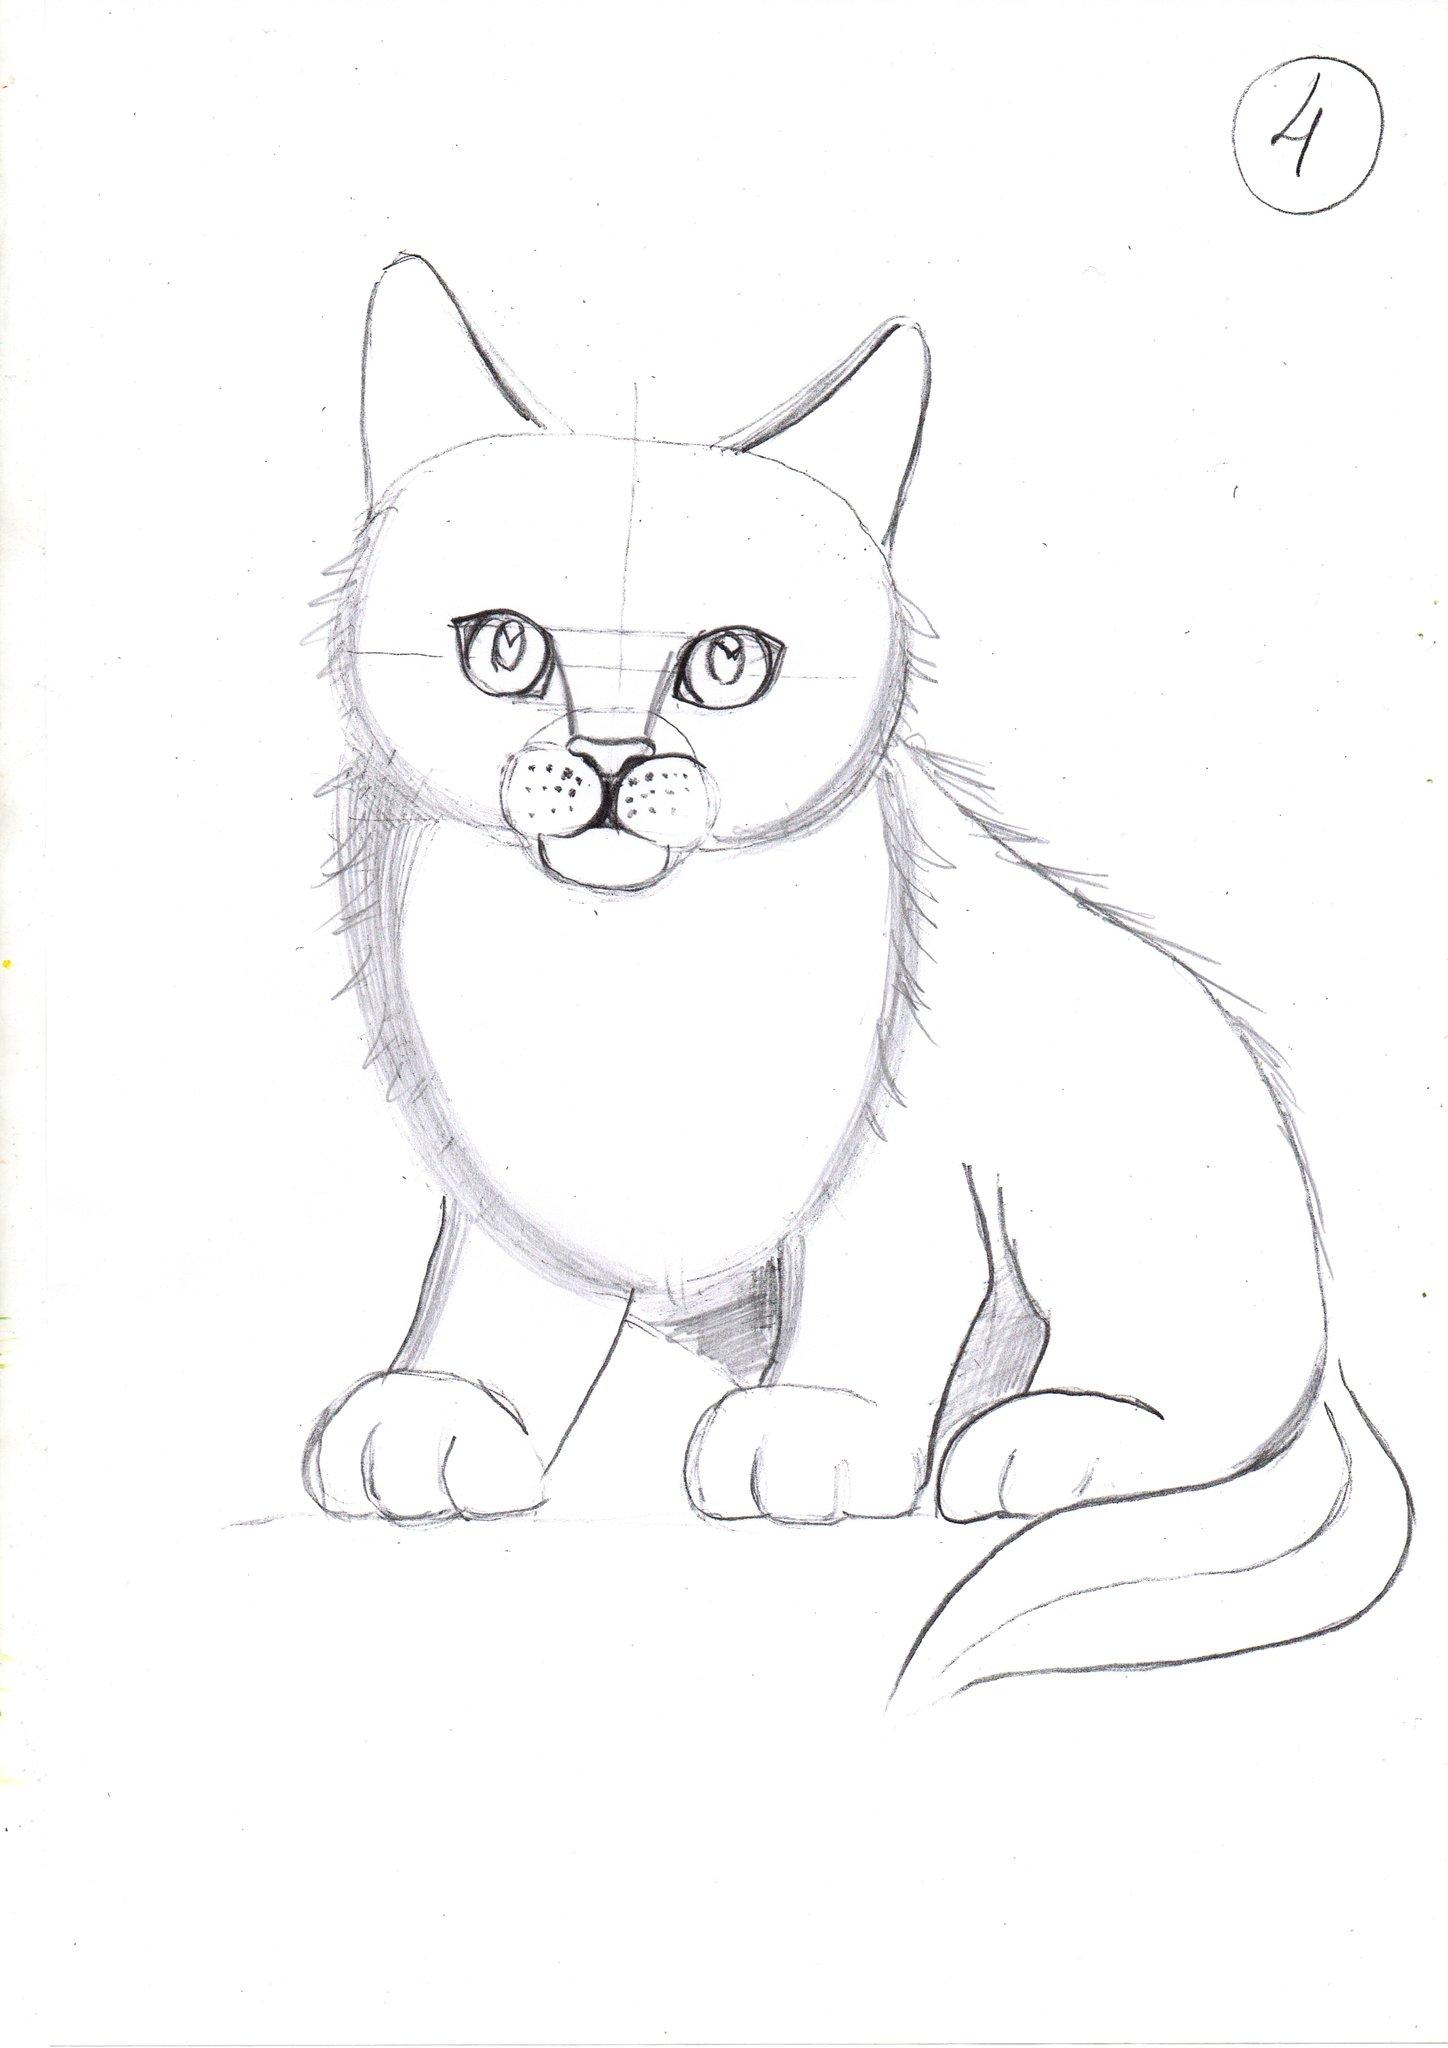 Картинки котов для срисовки карандашом для начинающих